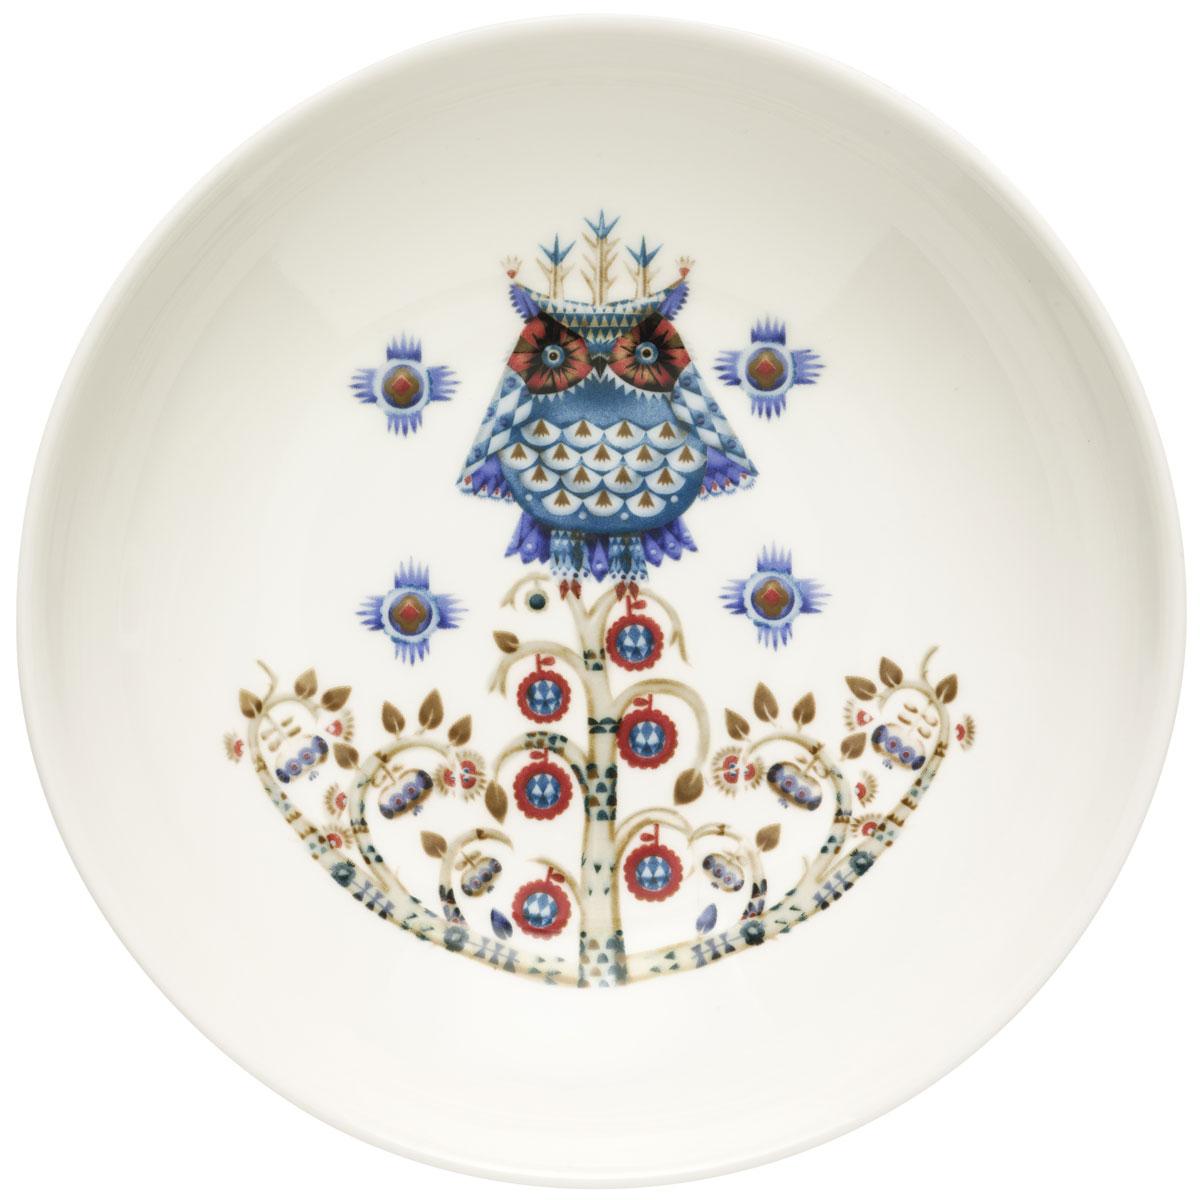 Тарелка глубокая Iittala Taika, цвет: белый, диаметр 20 см1011649Глубокая тарелка Iittala Taika выполнена из качественного жароустойчивого прочного фарфора с долговечным стекловидным эмалевым покрытием. Можно мыть в посудомоечной машине.Диаметр: 20 см.